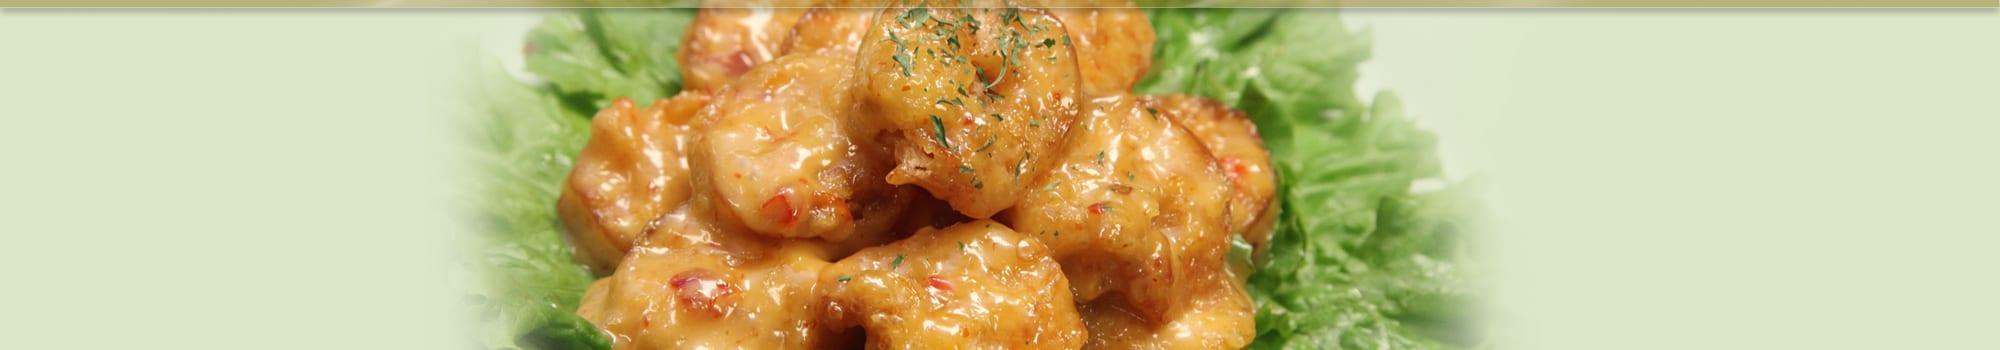 gourmet shrimp